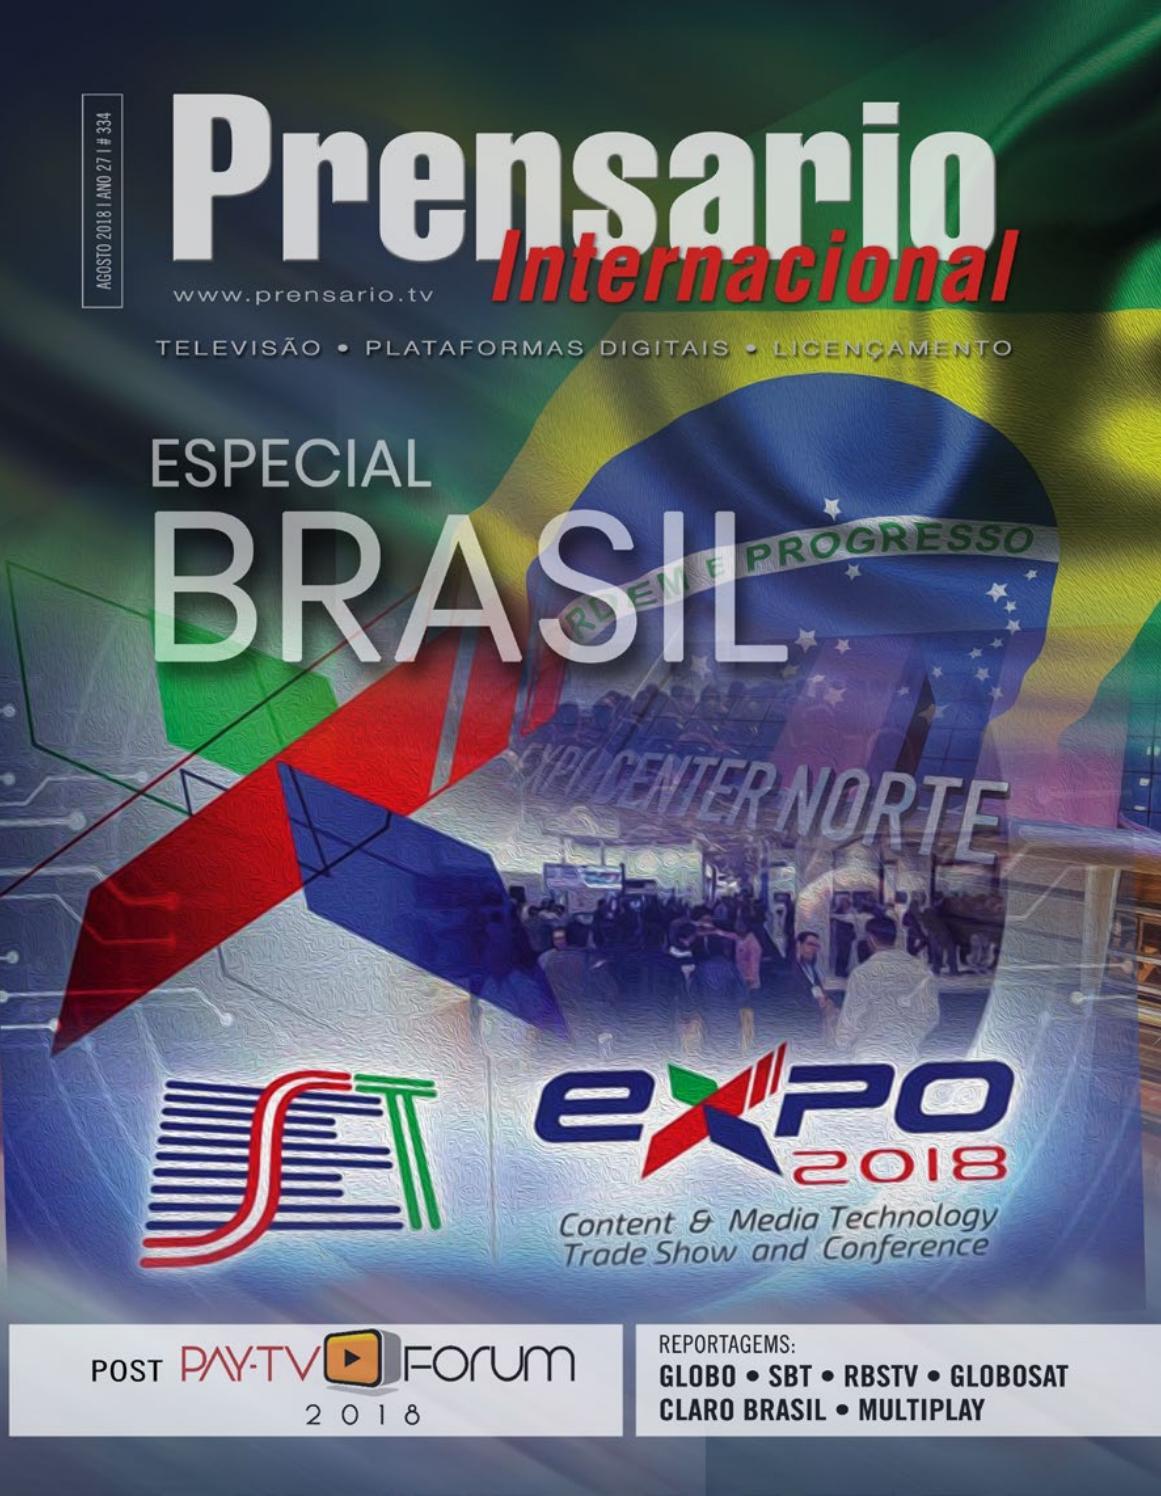 Edición especial SET Brazil 2018 de Prensario Internacional